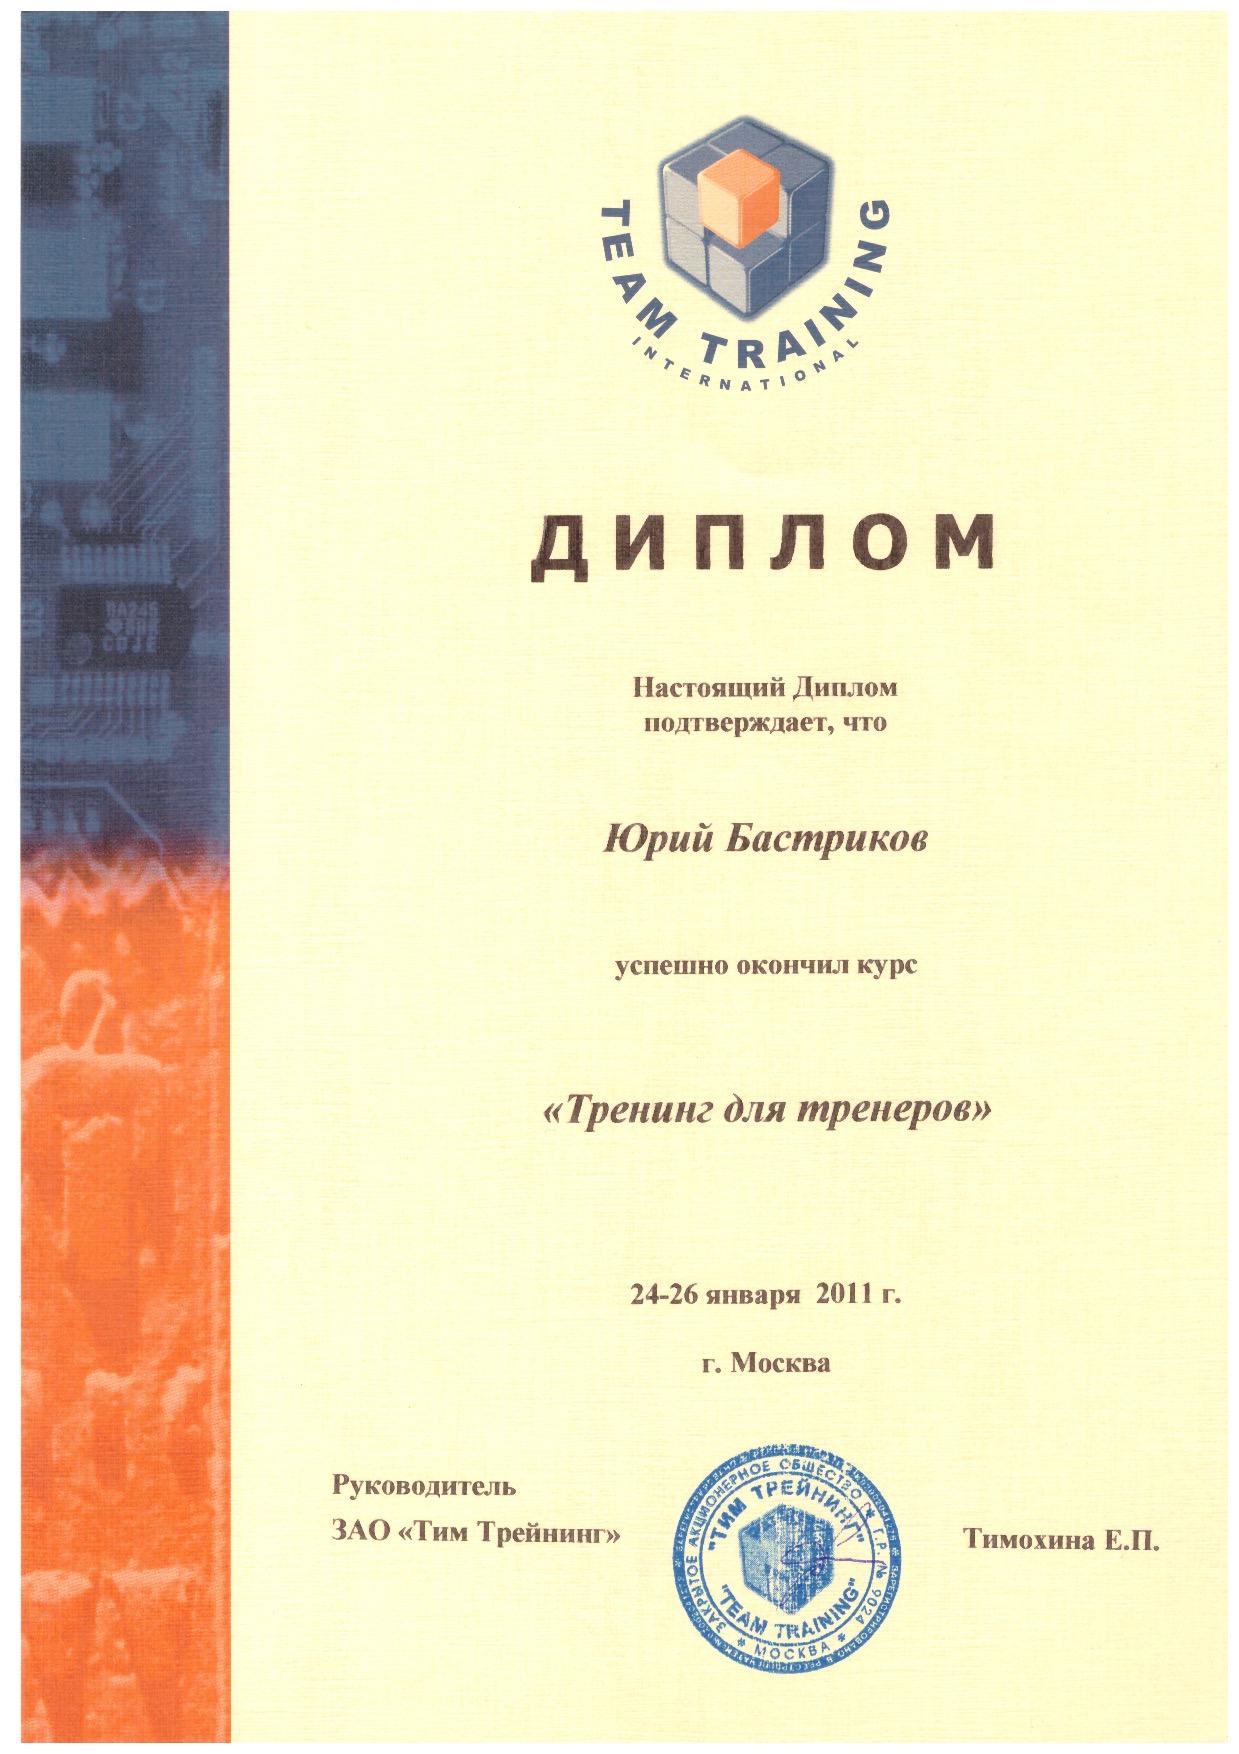 Корпоративное обучение персонала в Санкт Петербурге coachpoint Диплом о прохождении курса Тренинг для тренеров